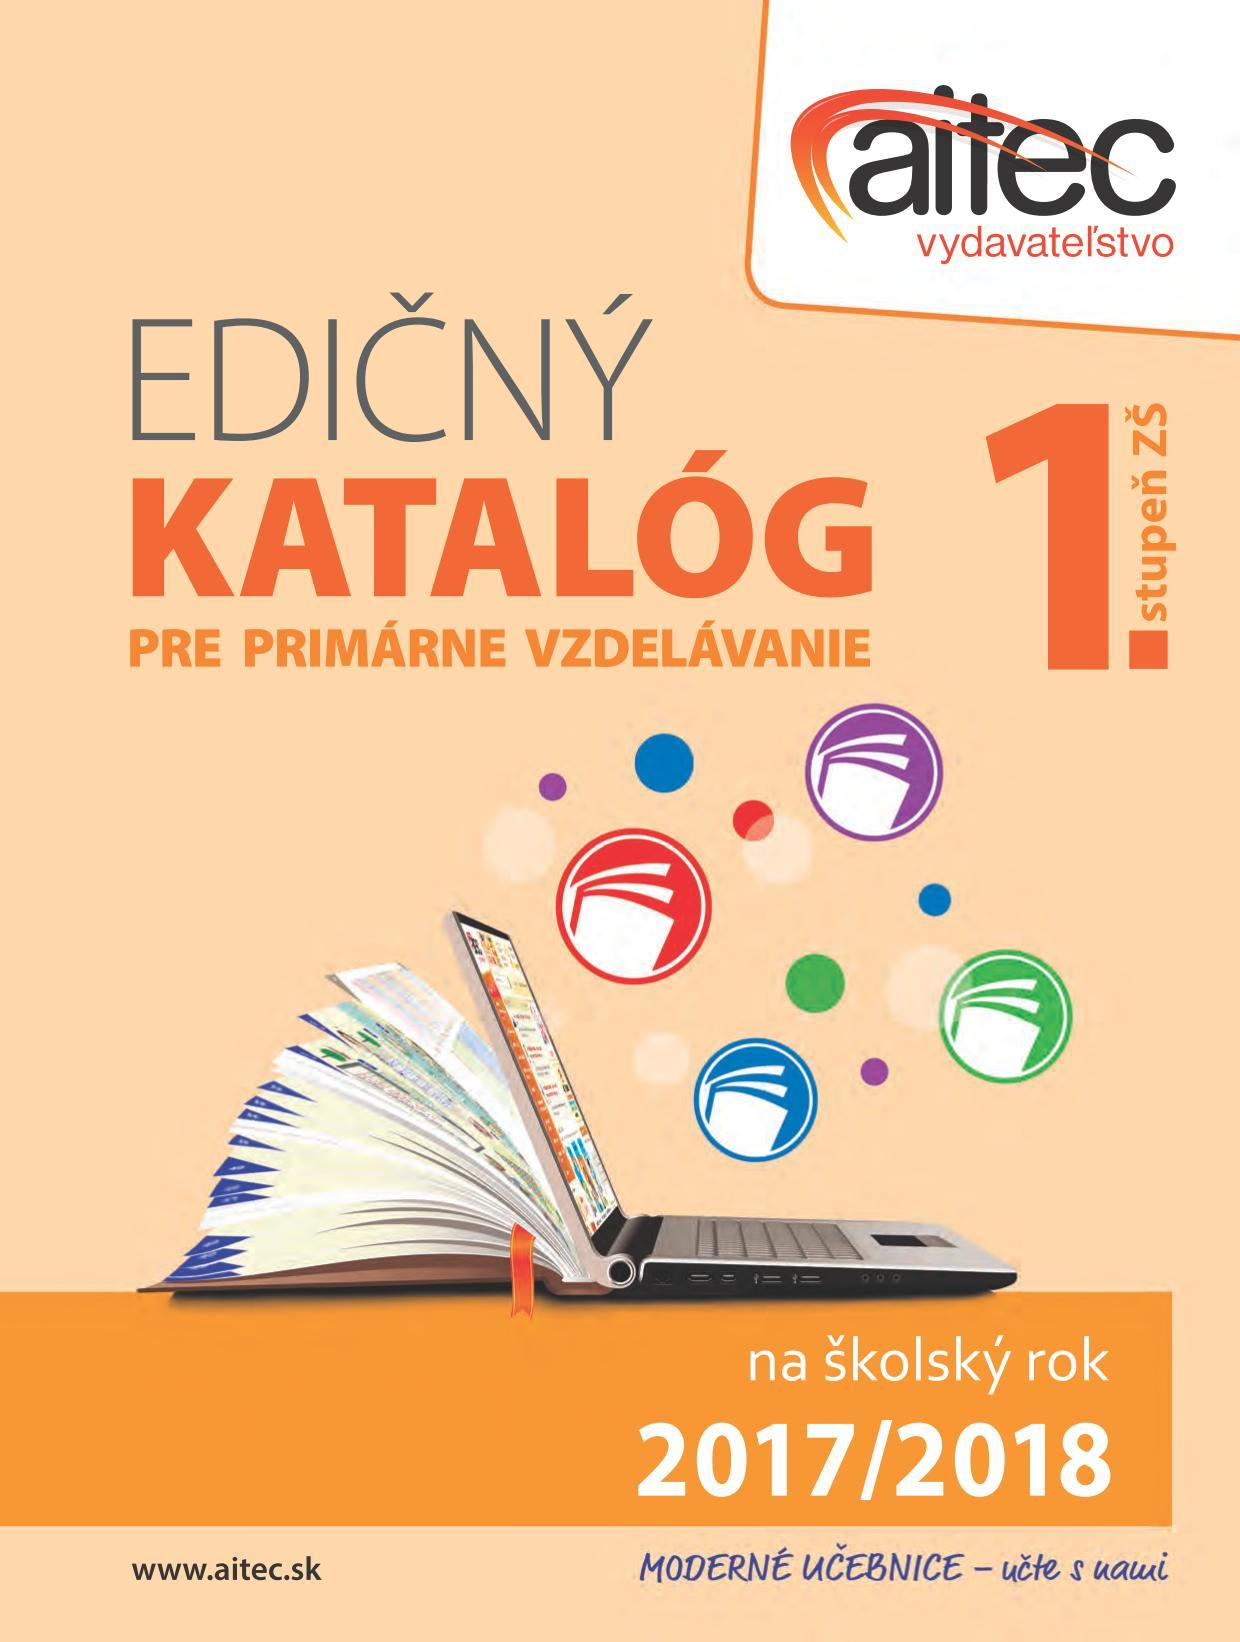 AITEC - edičný katalóg 2013